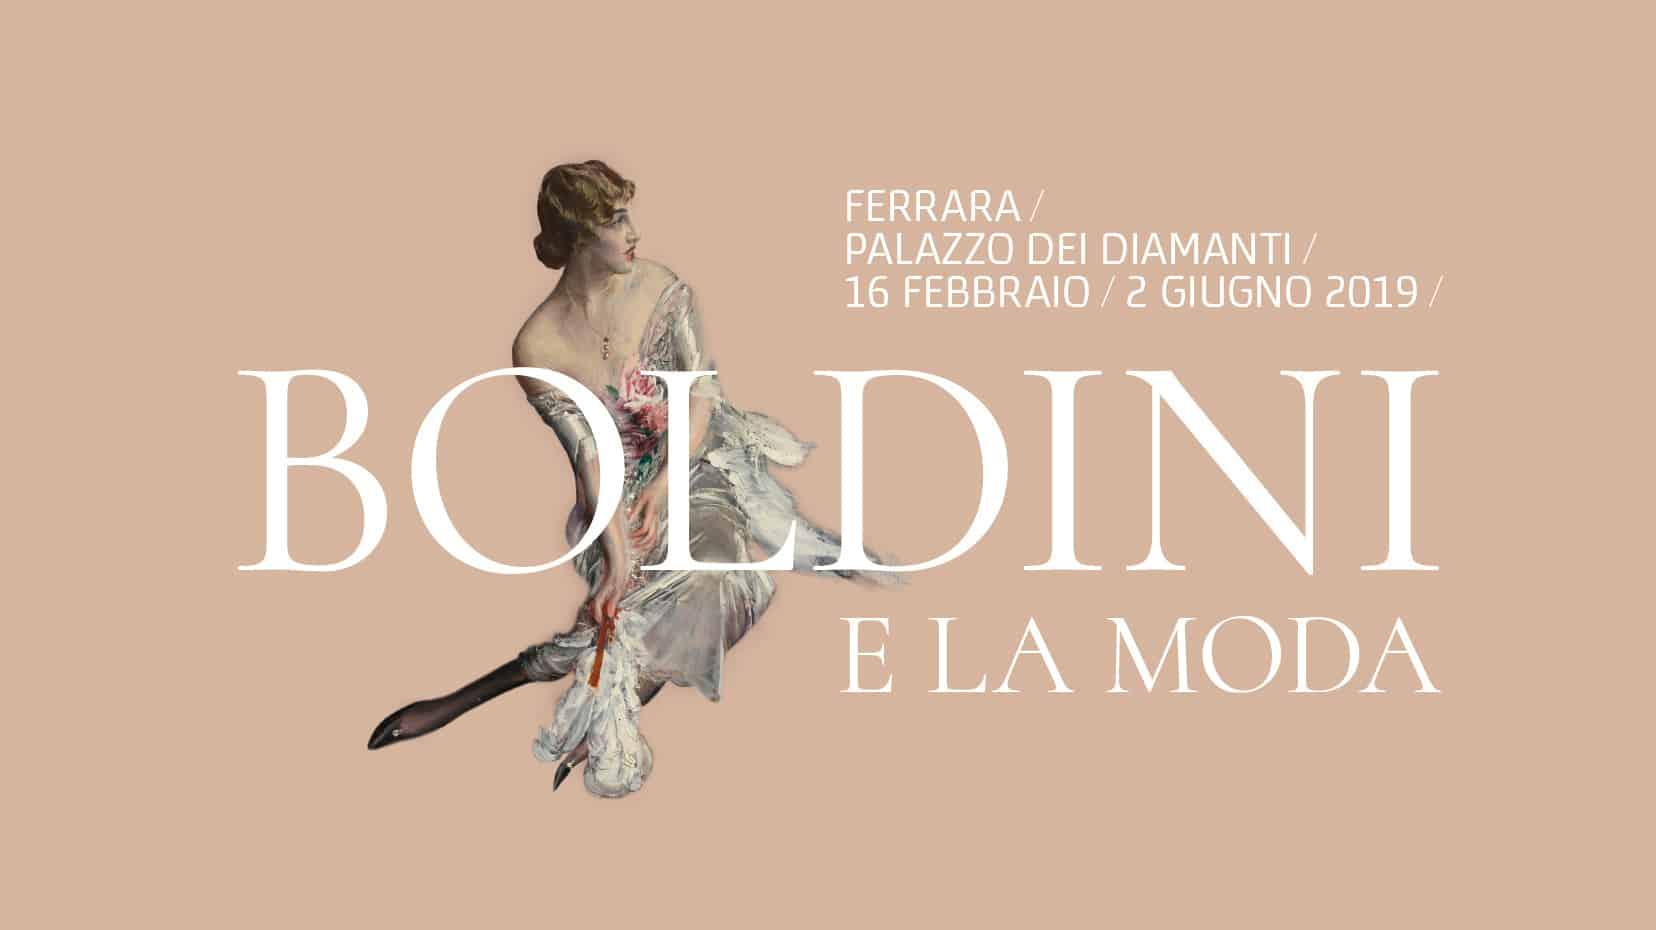 Boldinini e la moda. Nuova mostra a Ferrara, a Palazzo dei Diamanti